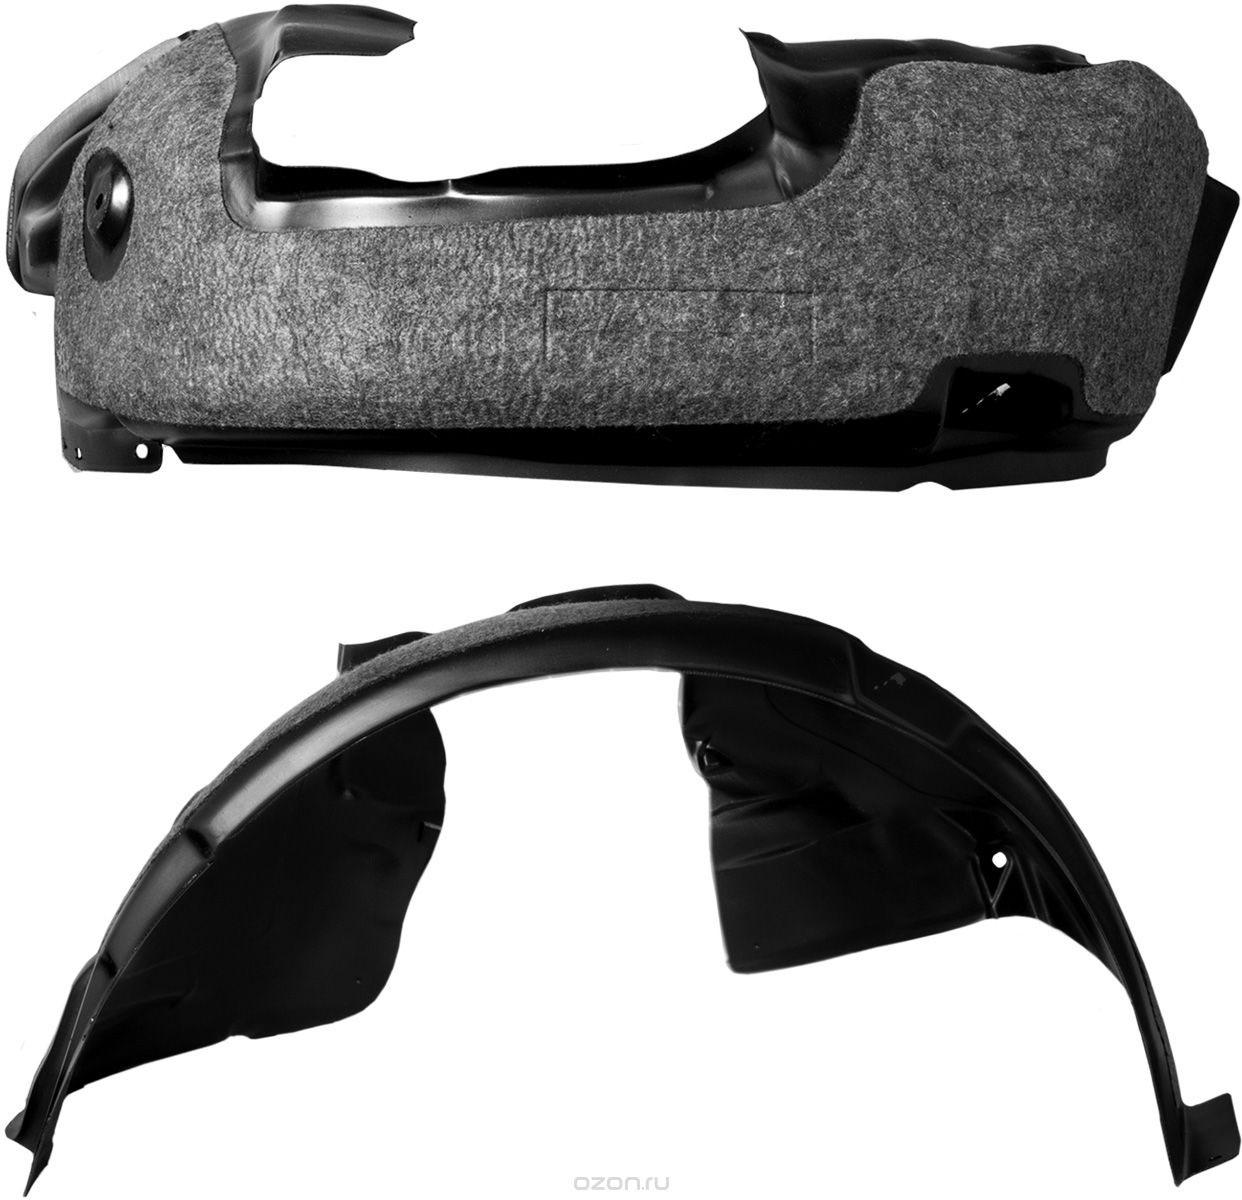 Подкрылок Novline-Autofamily, с шумоизоляцией, для GEELY X7, 2013->, передний правыйNLS.75.07.002Идеальная защита колесной ниши. Локеры разработаны с применением цифровых технологий, гарантируют максимальную повторяемость поверхности арки. Изделия устанавливаются без нарушения лакокрасочного покрытия автомобиля, каждый подкрылок комплектуется крепежом. Уважаемые клиенты, обращаем ваше внимание, что фотографии на подкрылки универсальные и не отражают реальную форму изделия. При этом само изделие идет точно под размер указанного автомобиля.